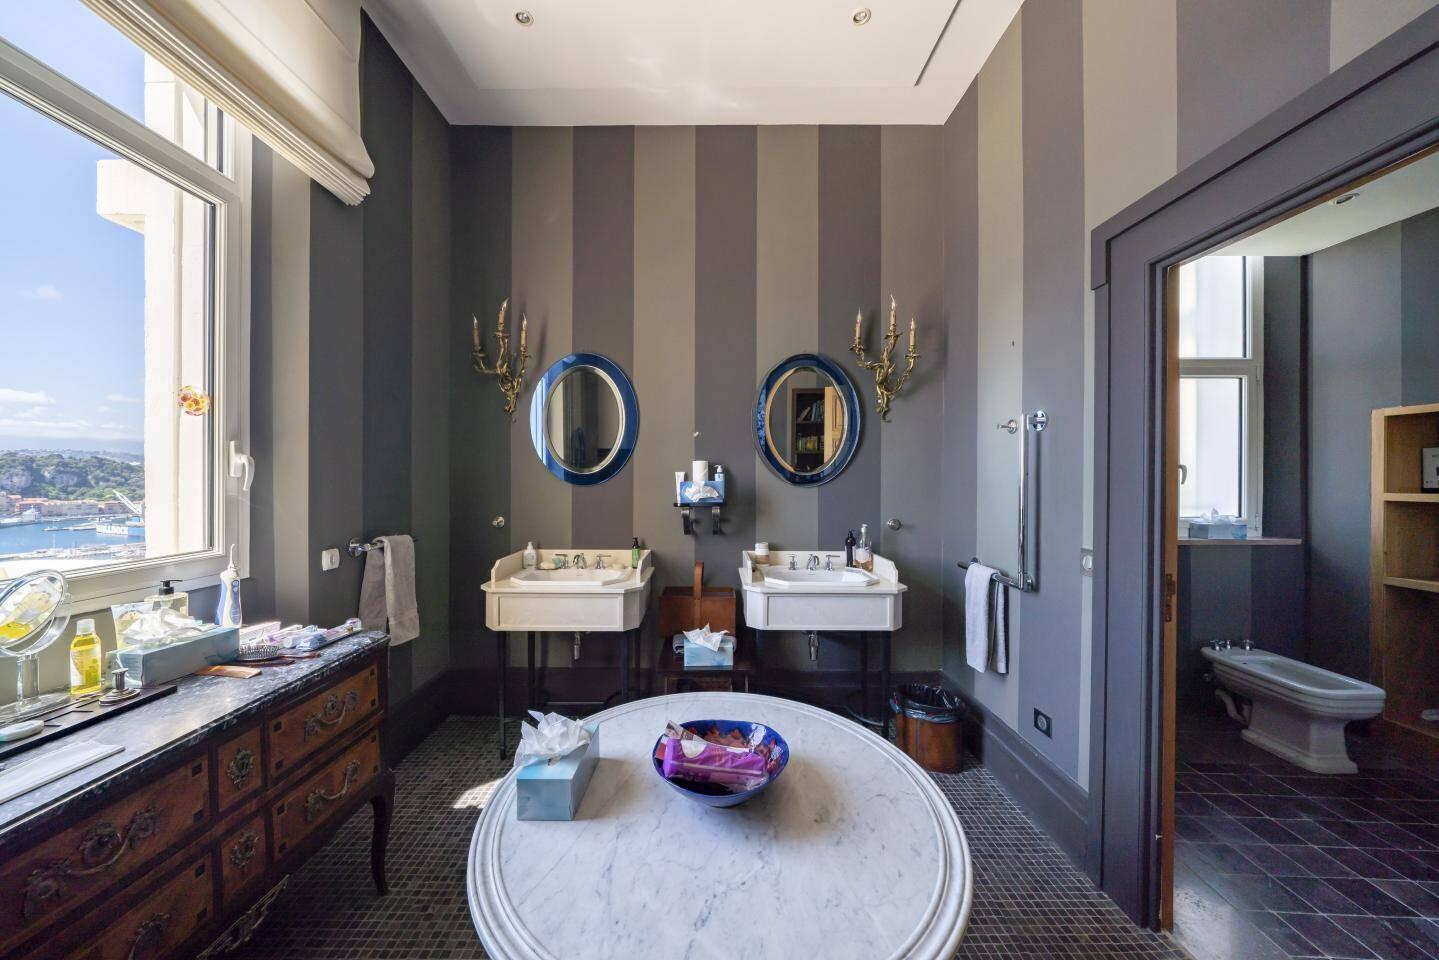 Une salle de bains.